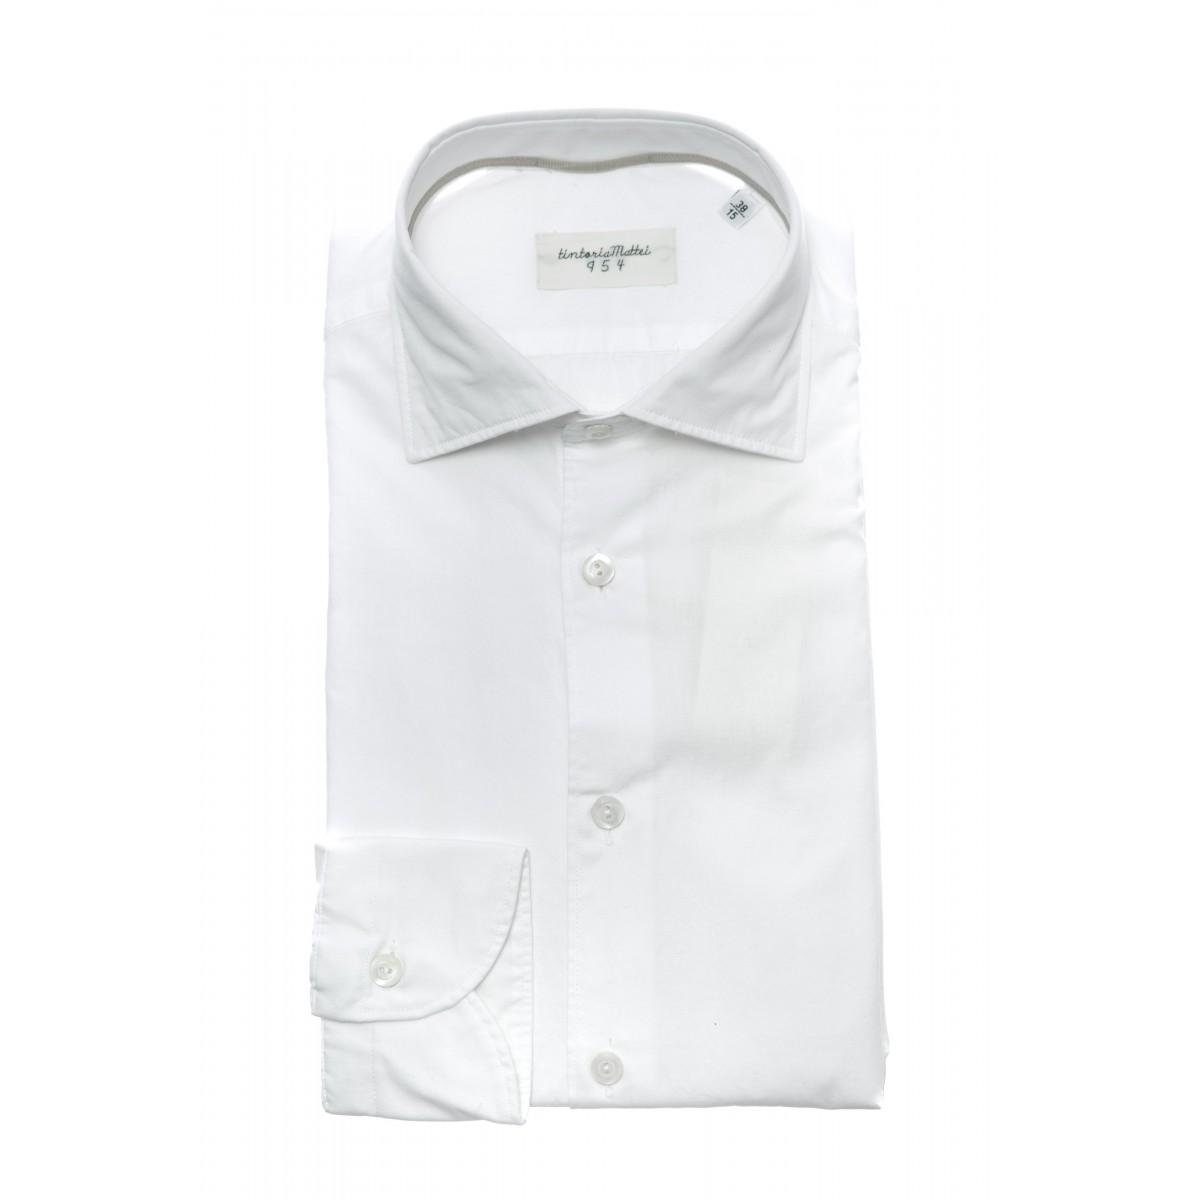 Camicia uomo - Ucu njw popeline light